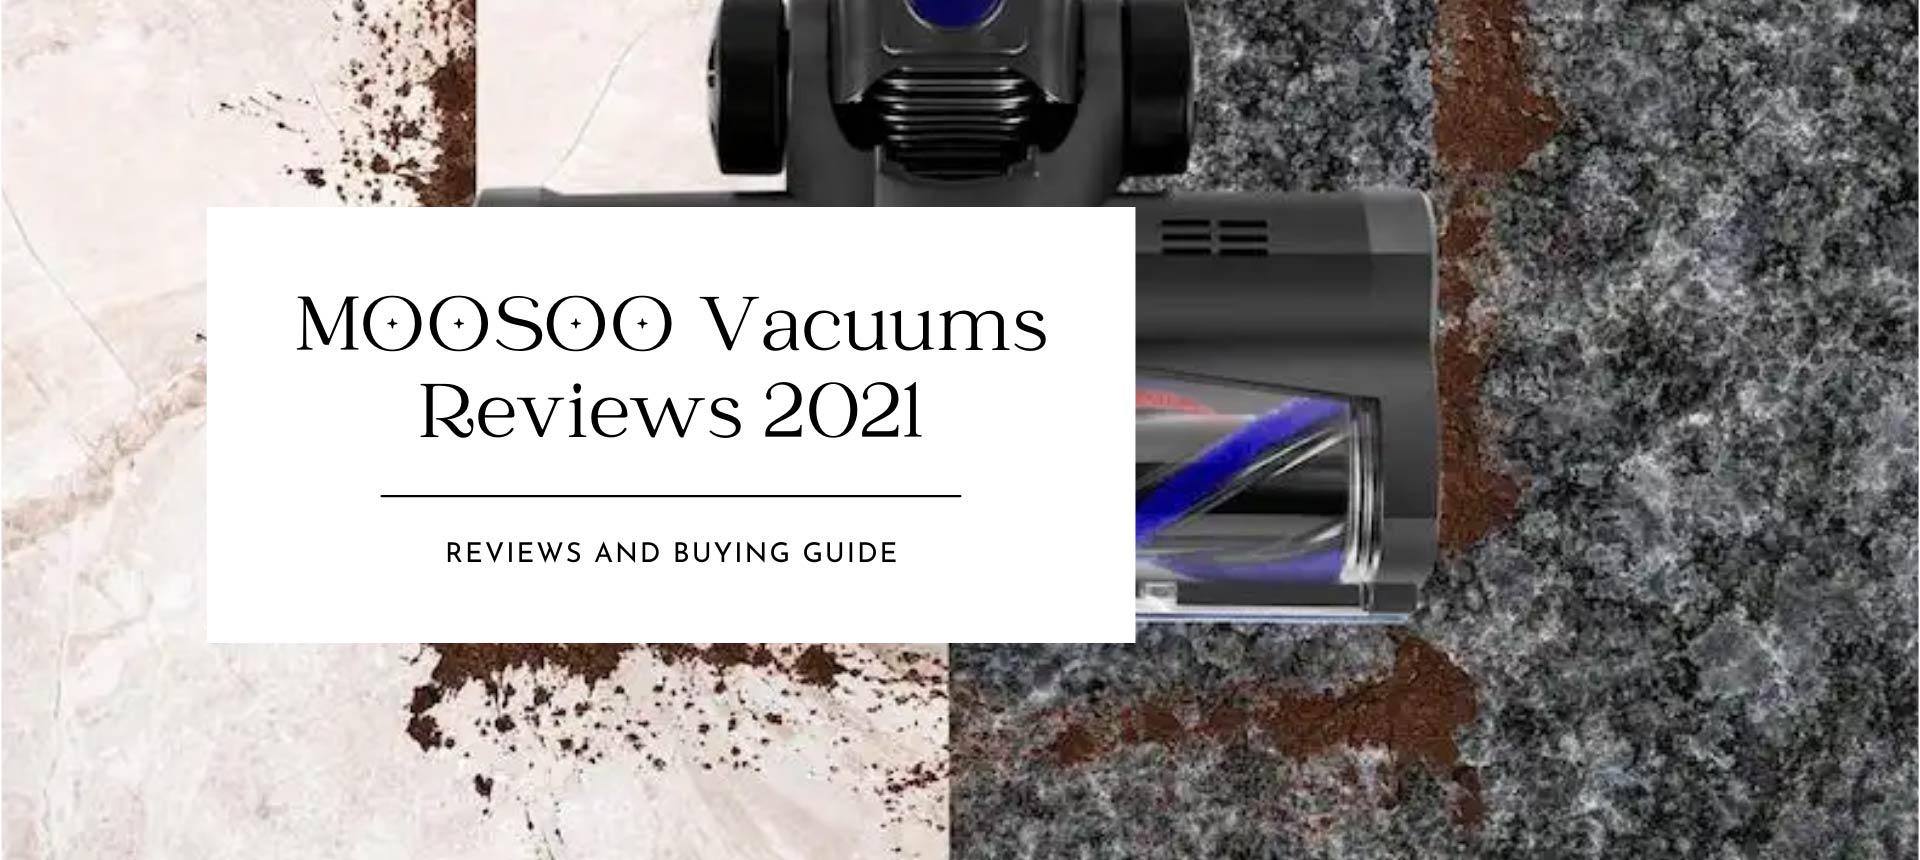 Top Moosoo Vacuum Cleaners Reviews 2021